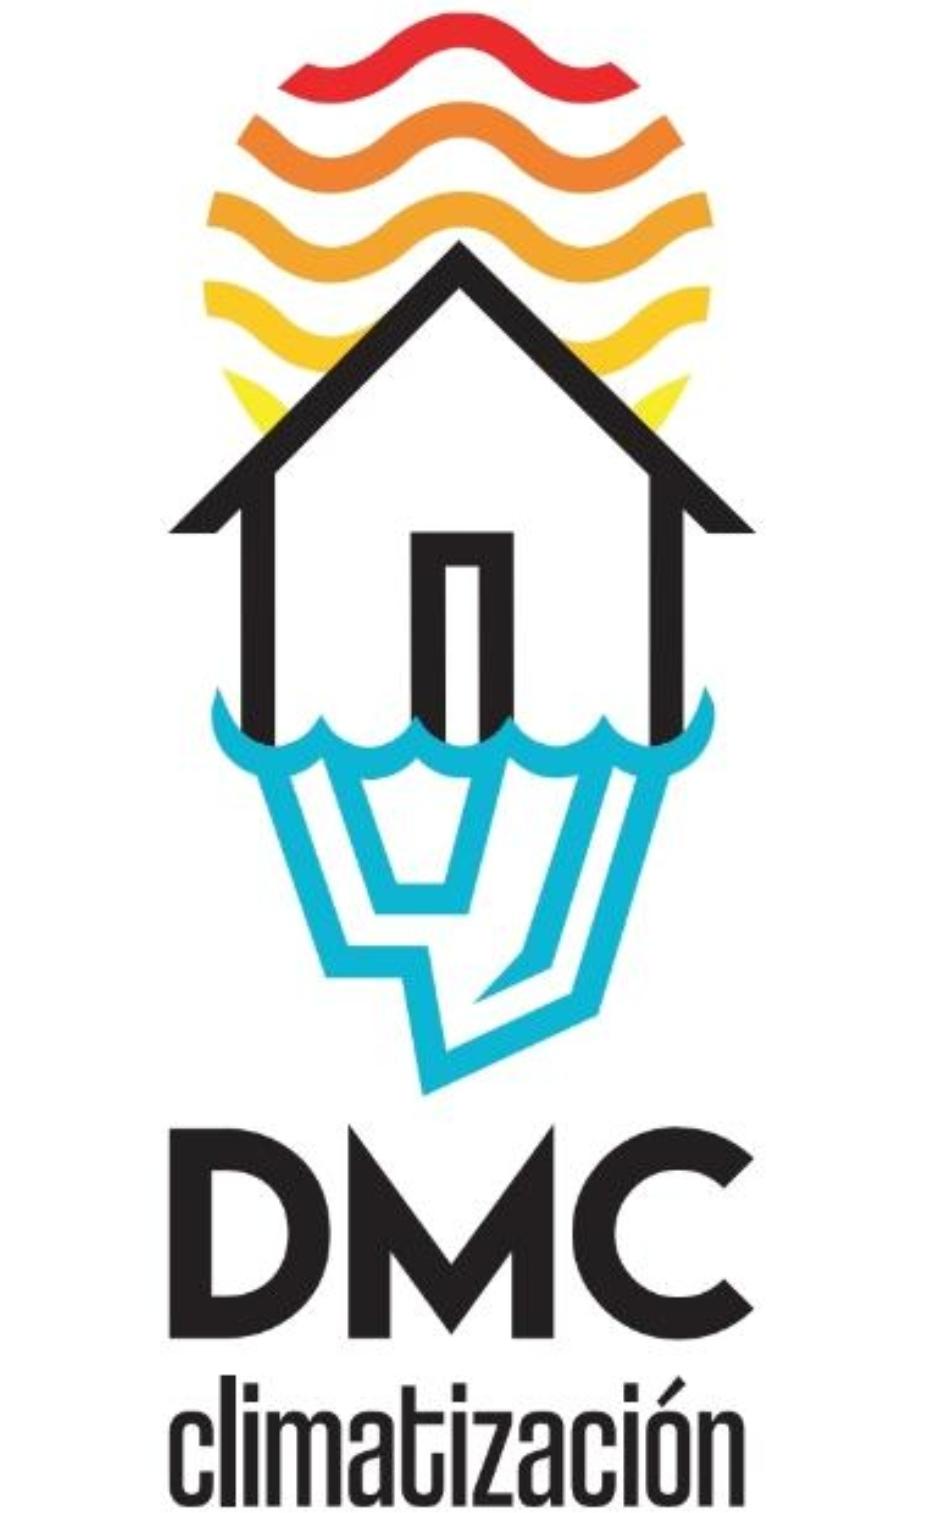 DMC  CLIMATIZACION